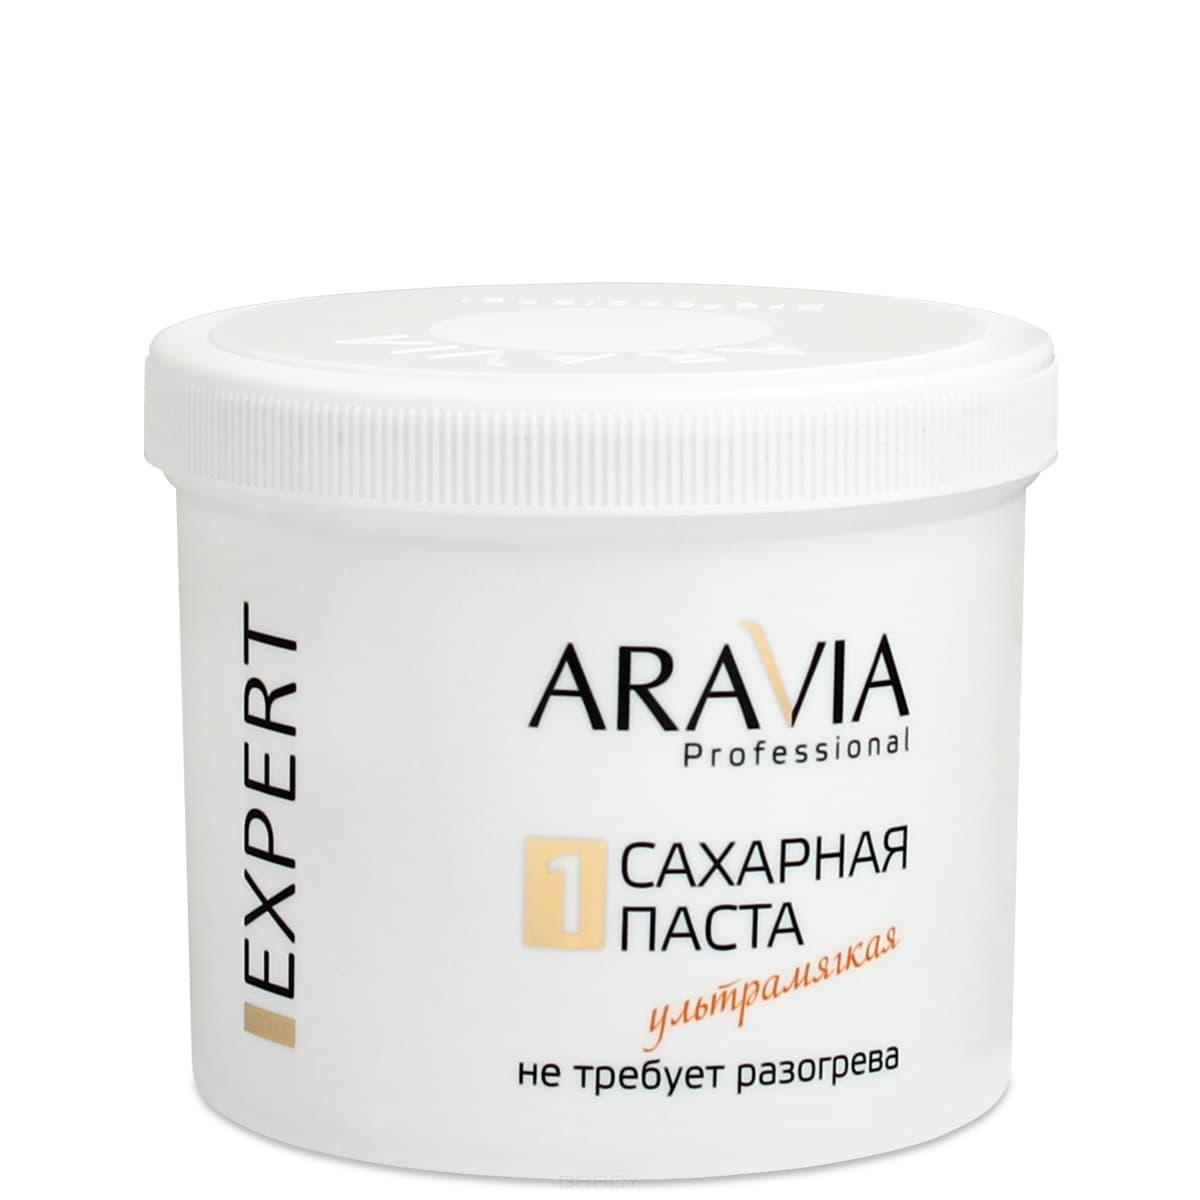 Купить Aravia, Сахарная паста для депиляции EXPERT 1 Ультрамягкая , 750 гр